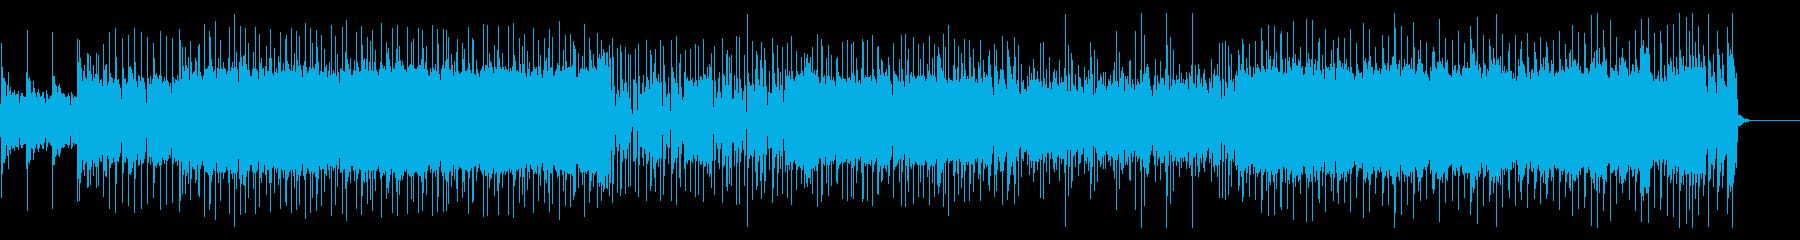 エネルギッシュで突き進むようなロックの再生済みの波形